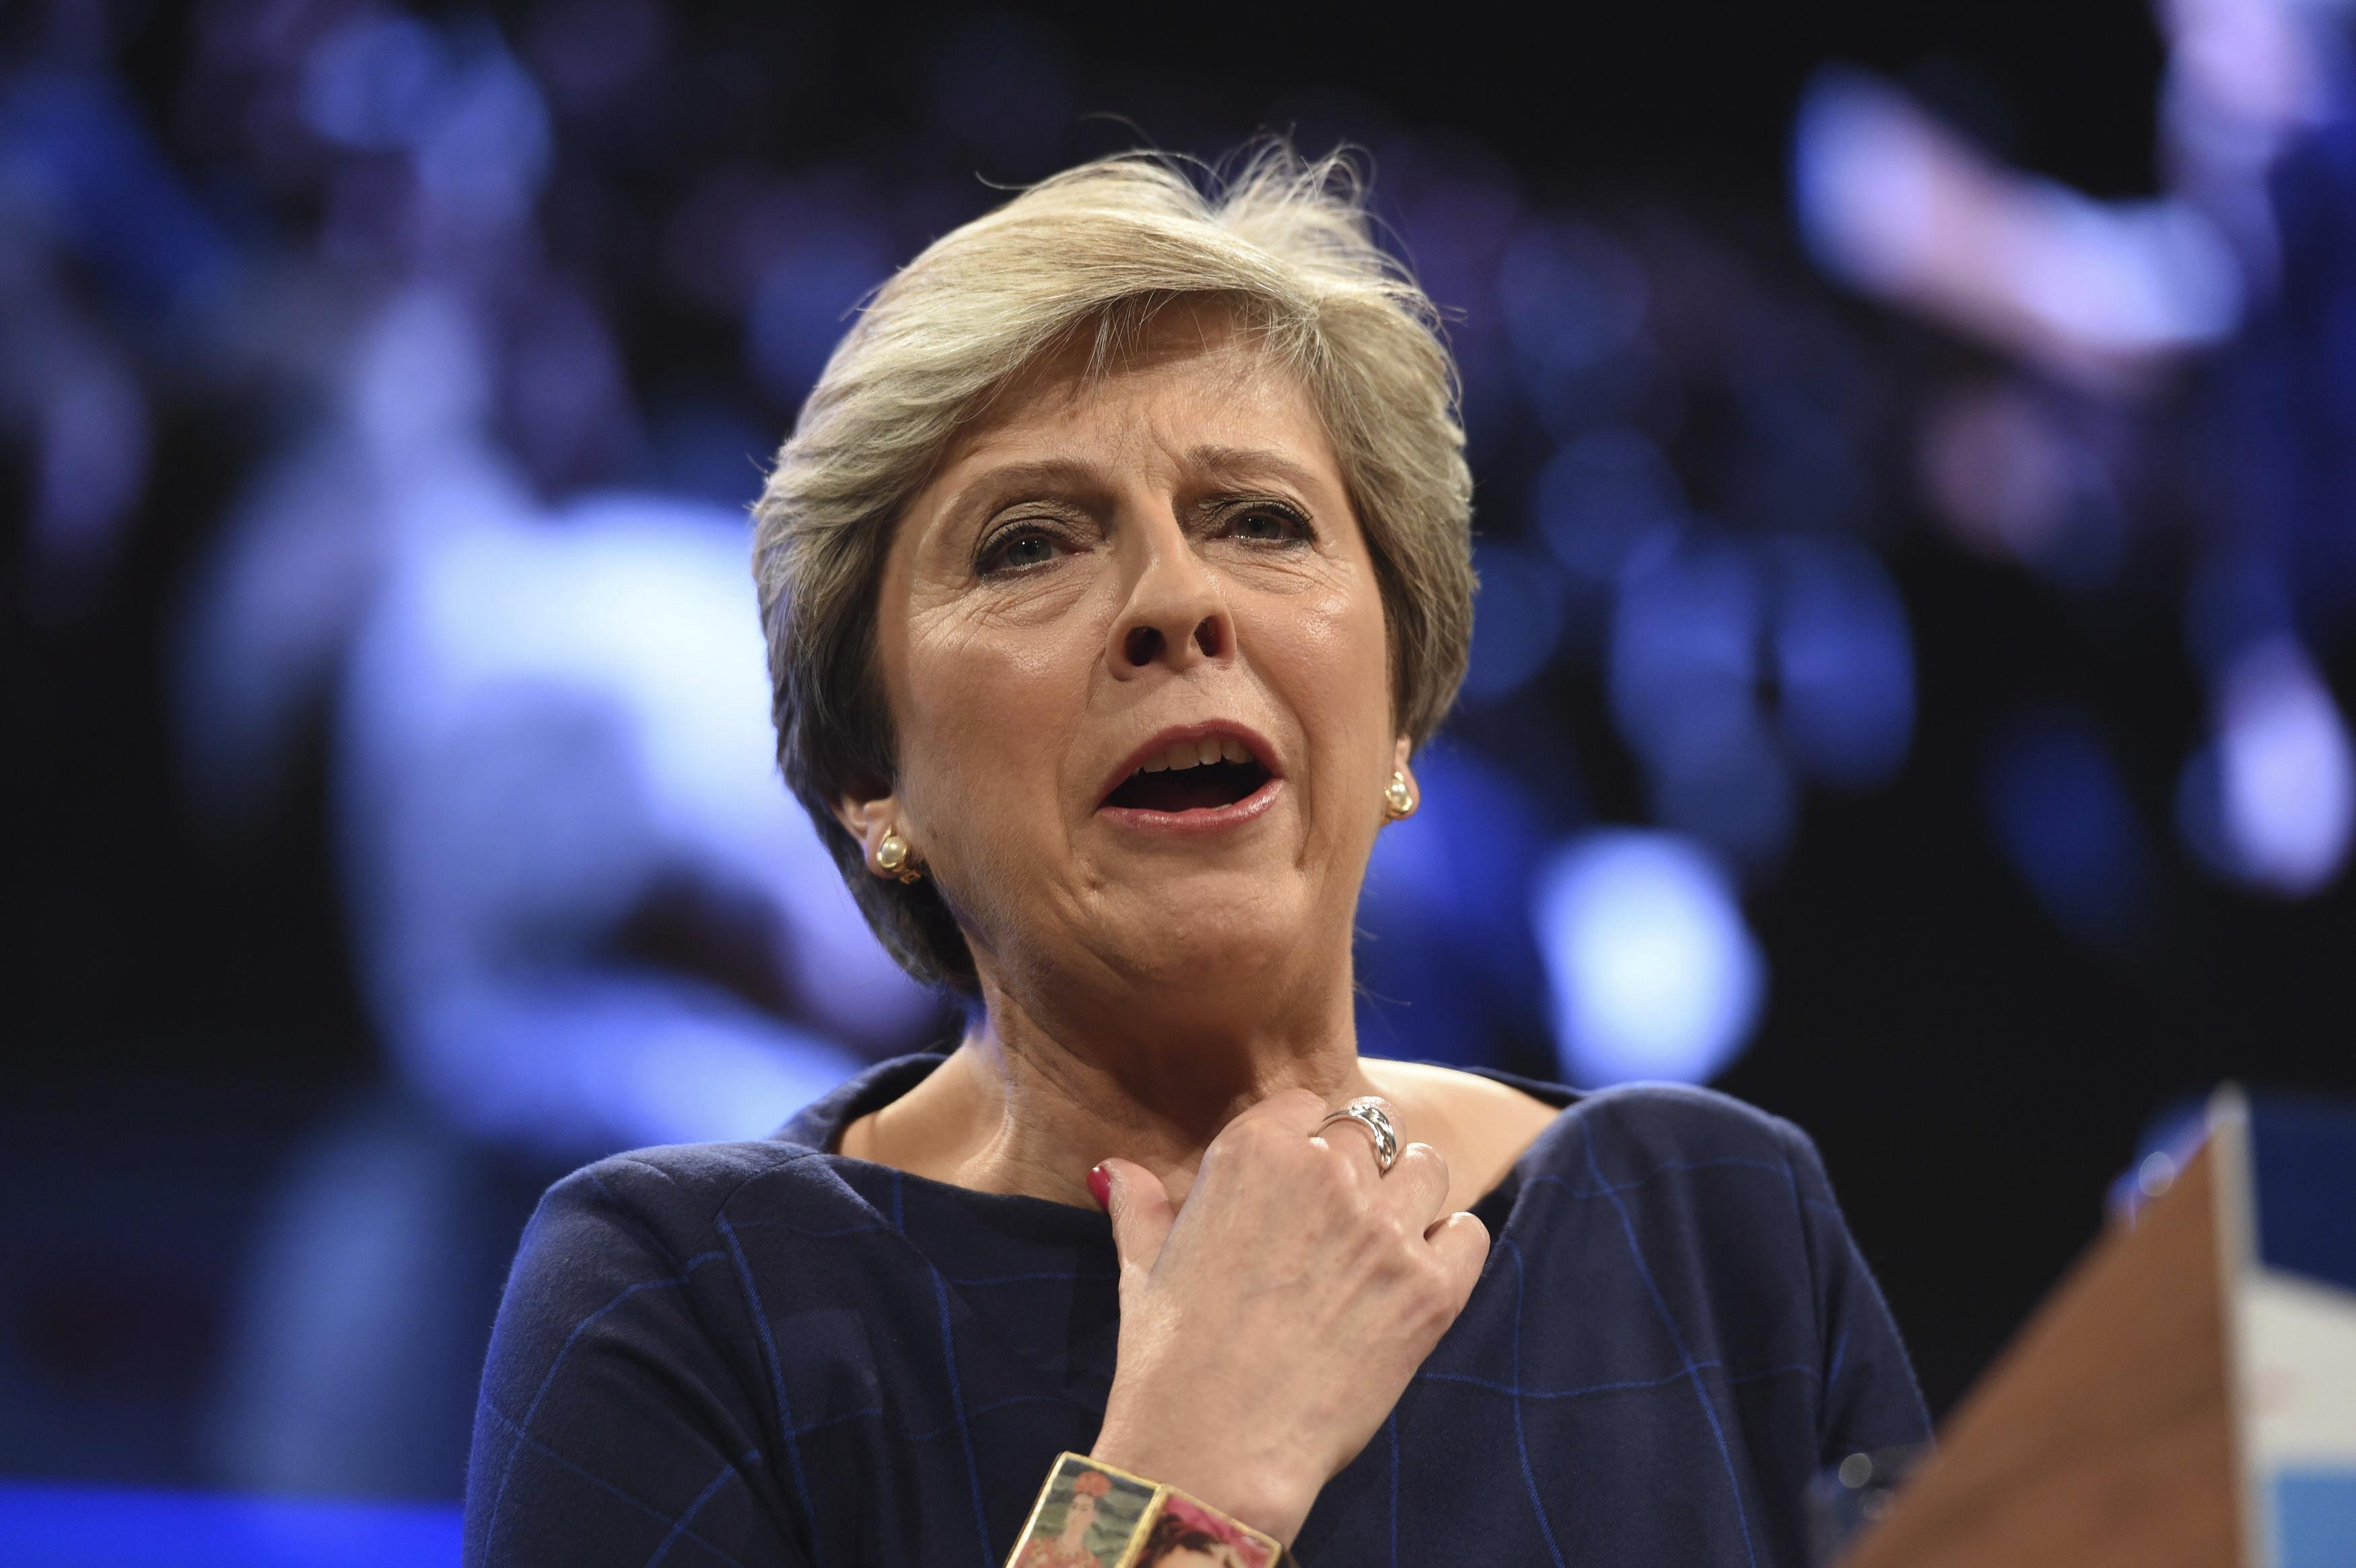 Заради Брекзит: Кабинетът на Тереза Мей подава оставка утре?